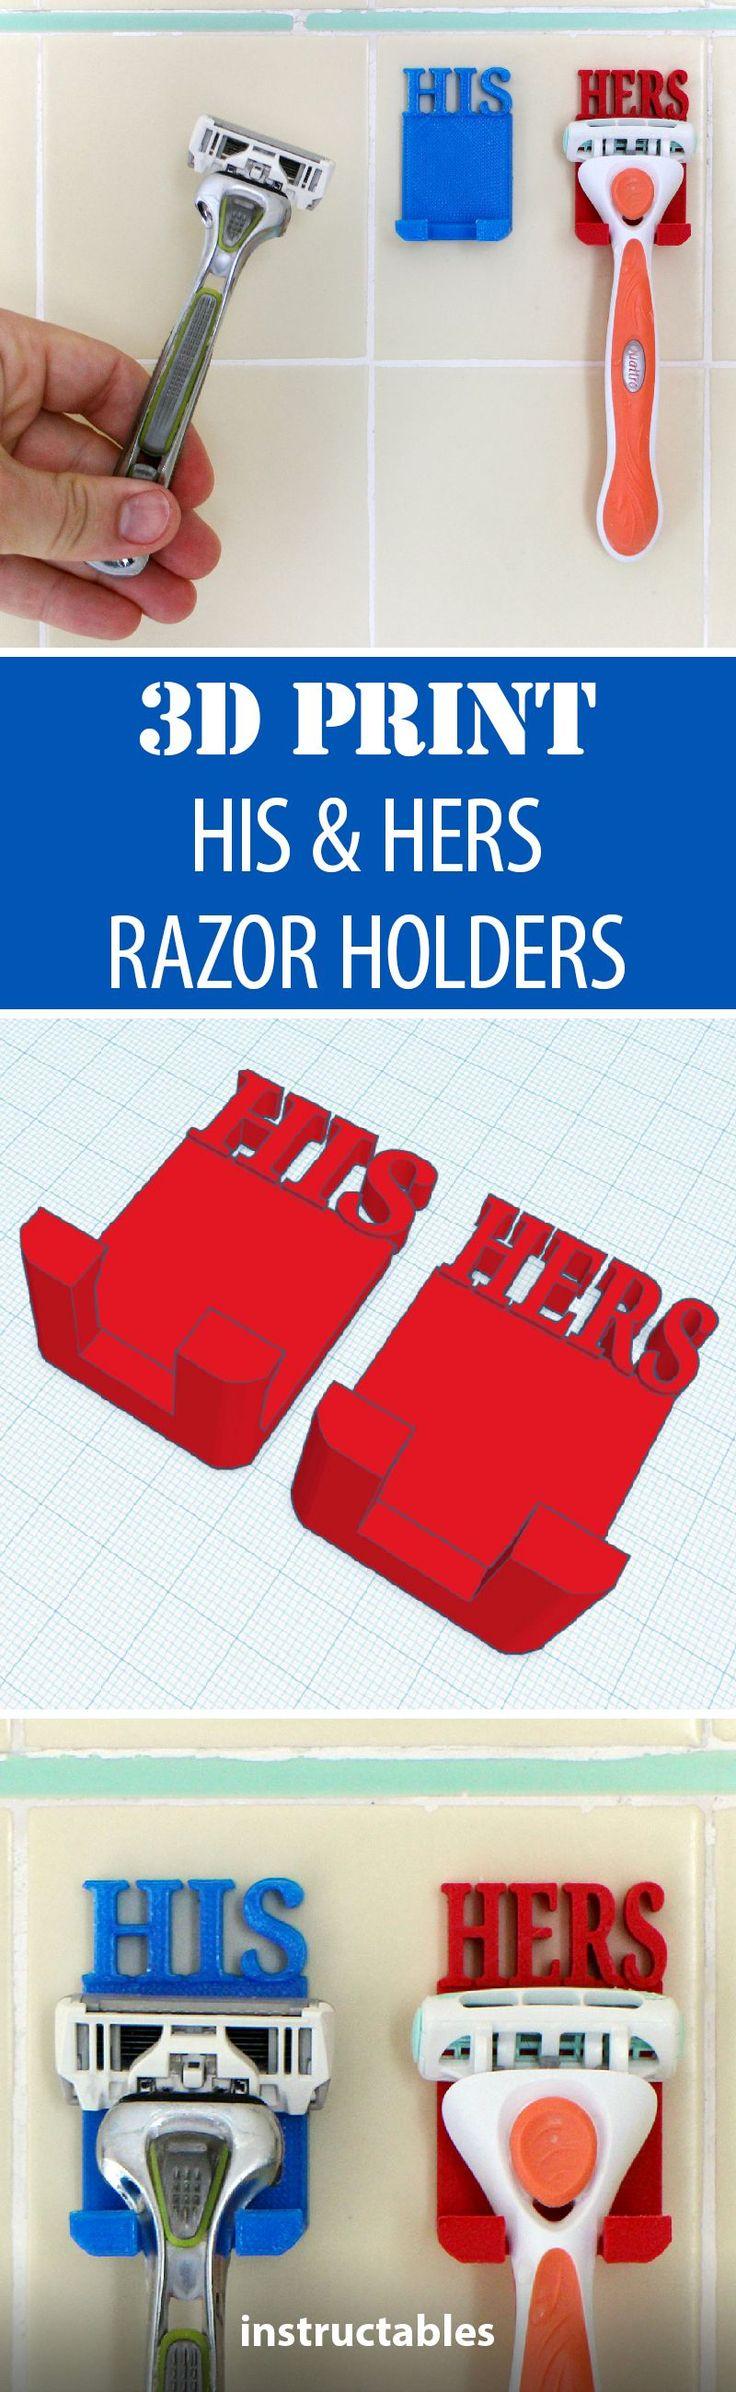 His & Hers Razor Holders